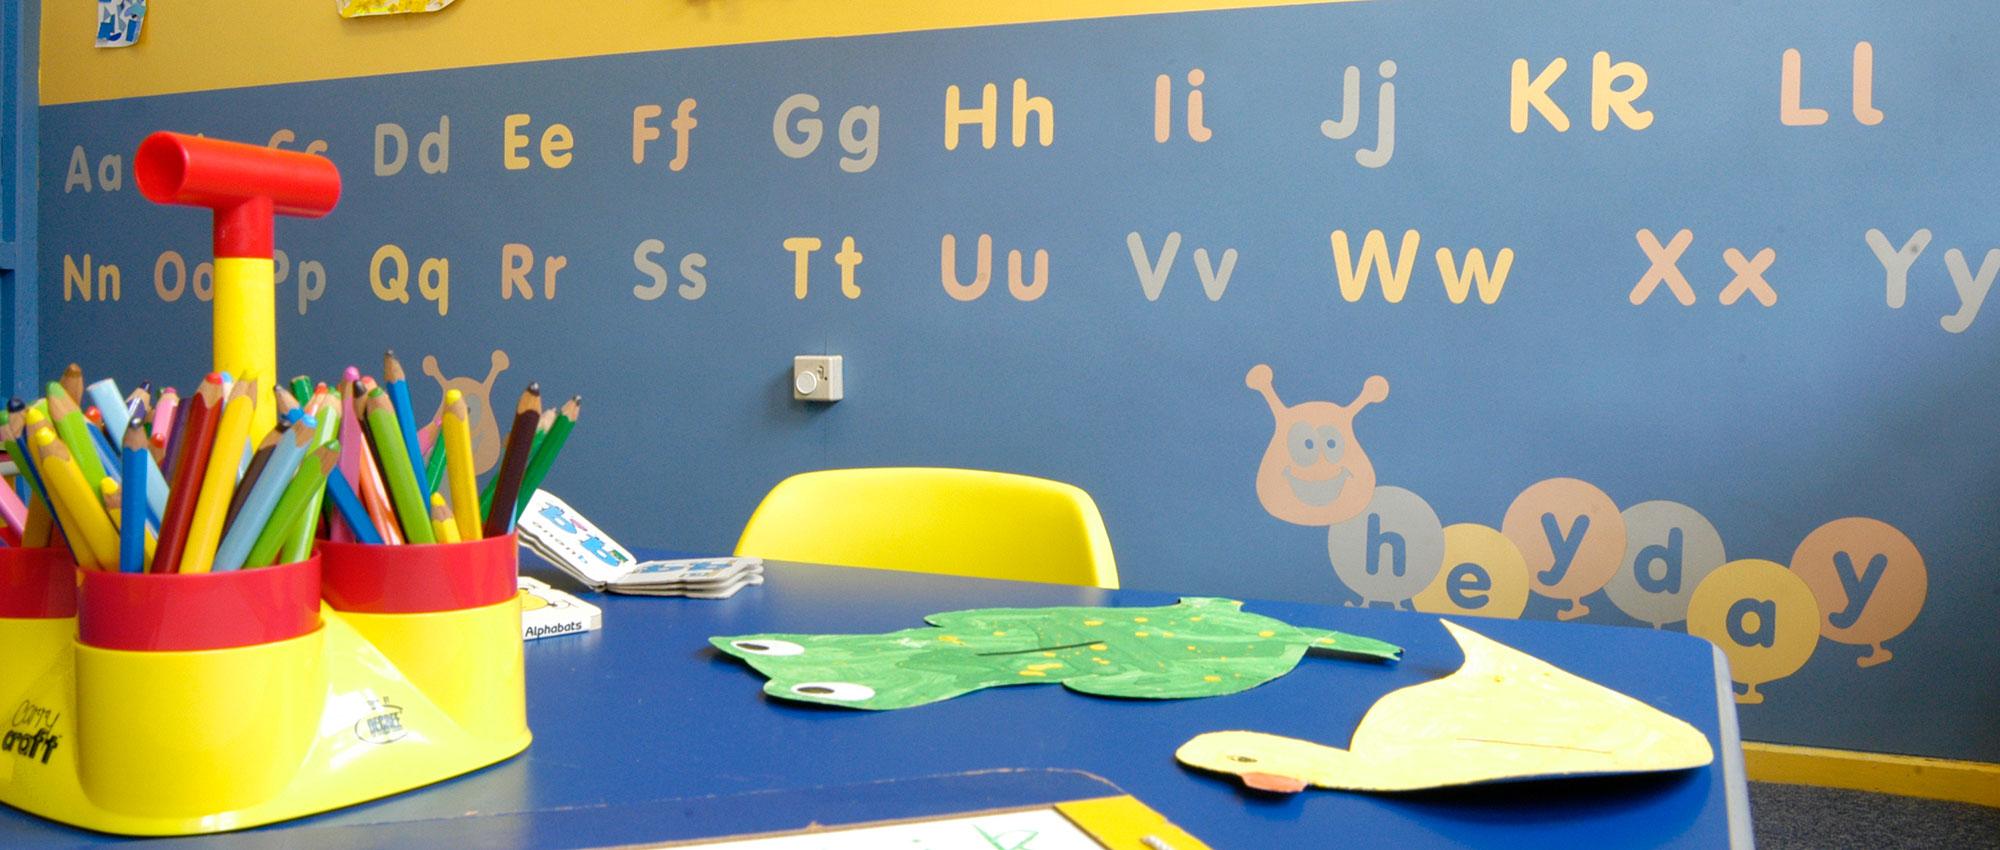 Case-Study-Heyday-Pre-school,-Bollington-(1)